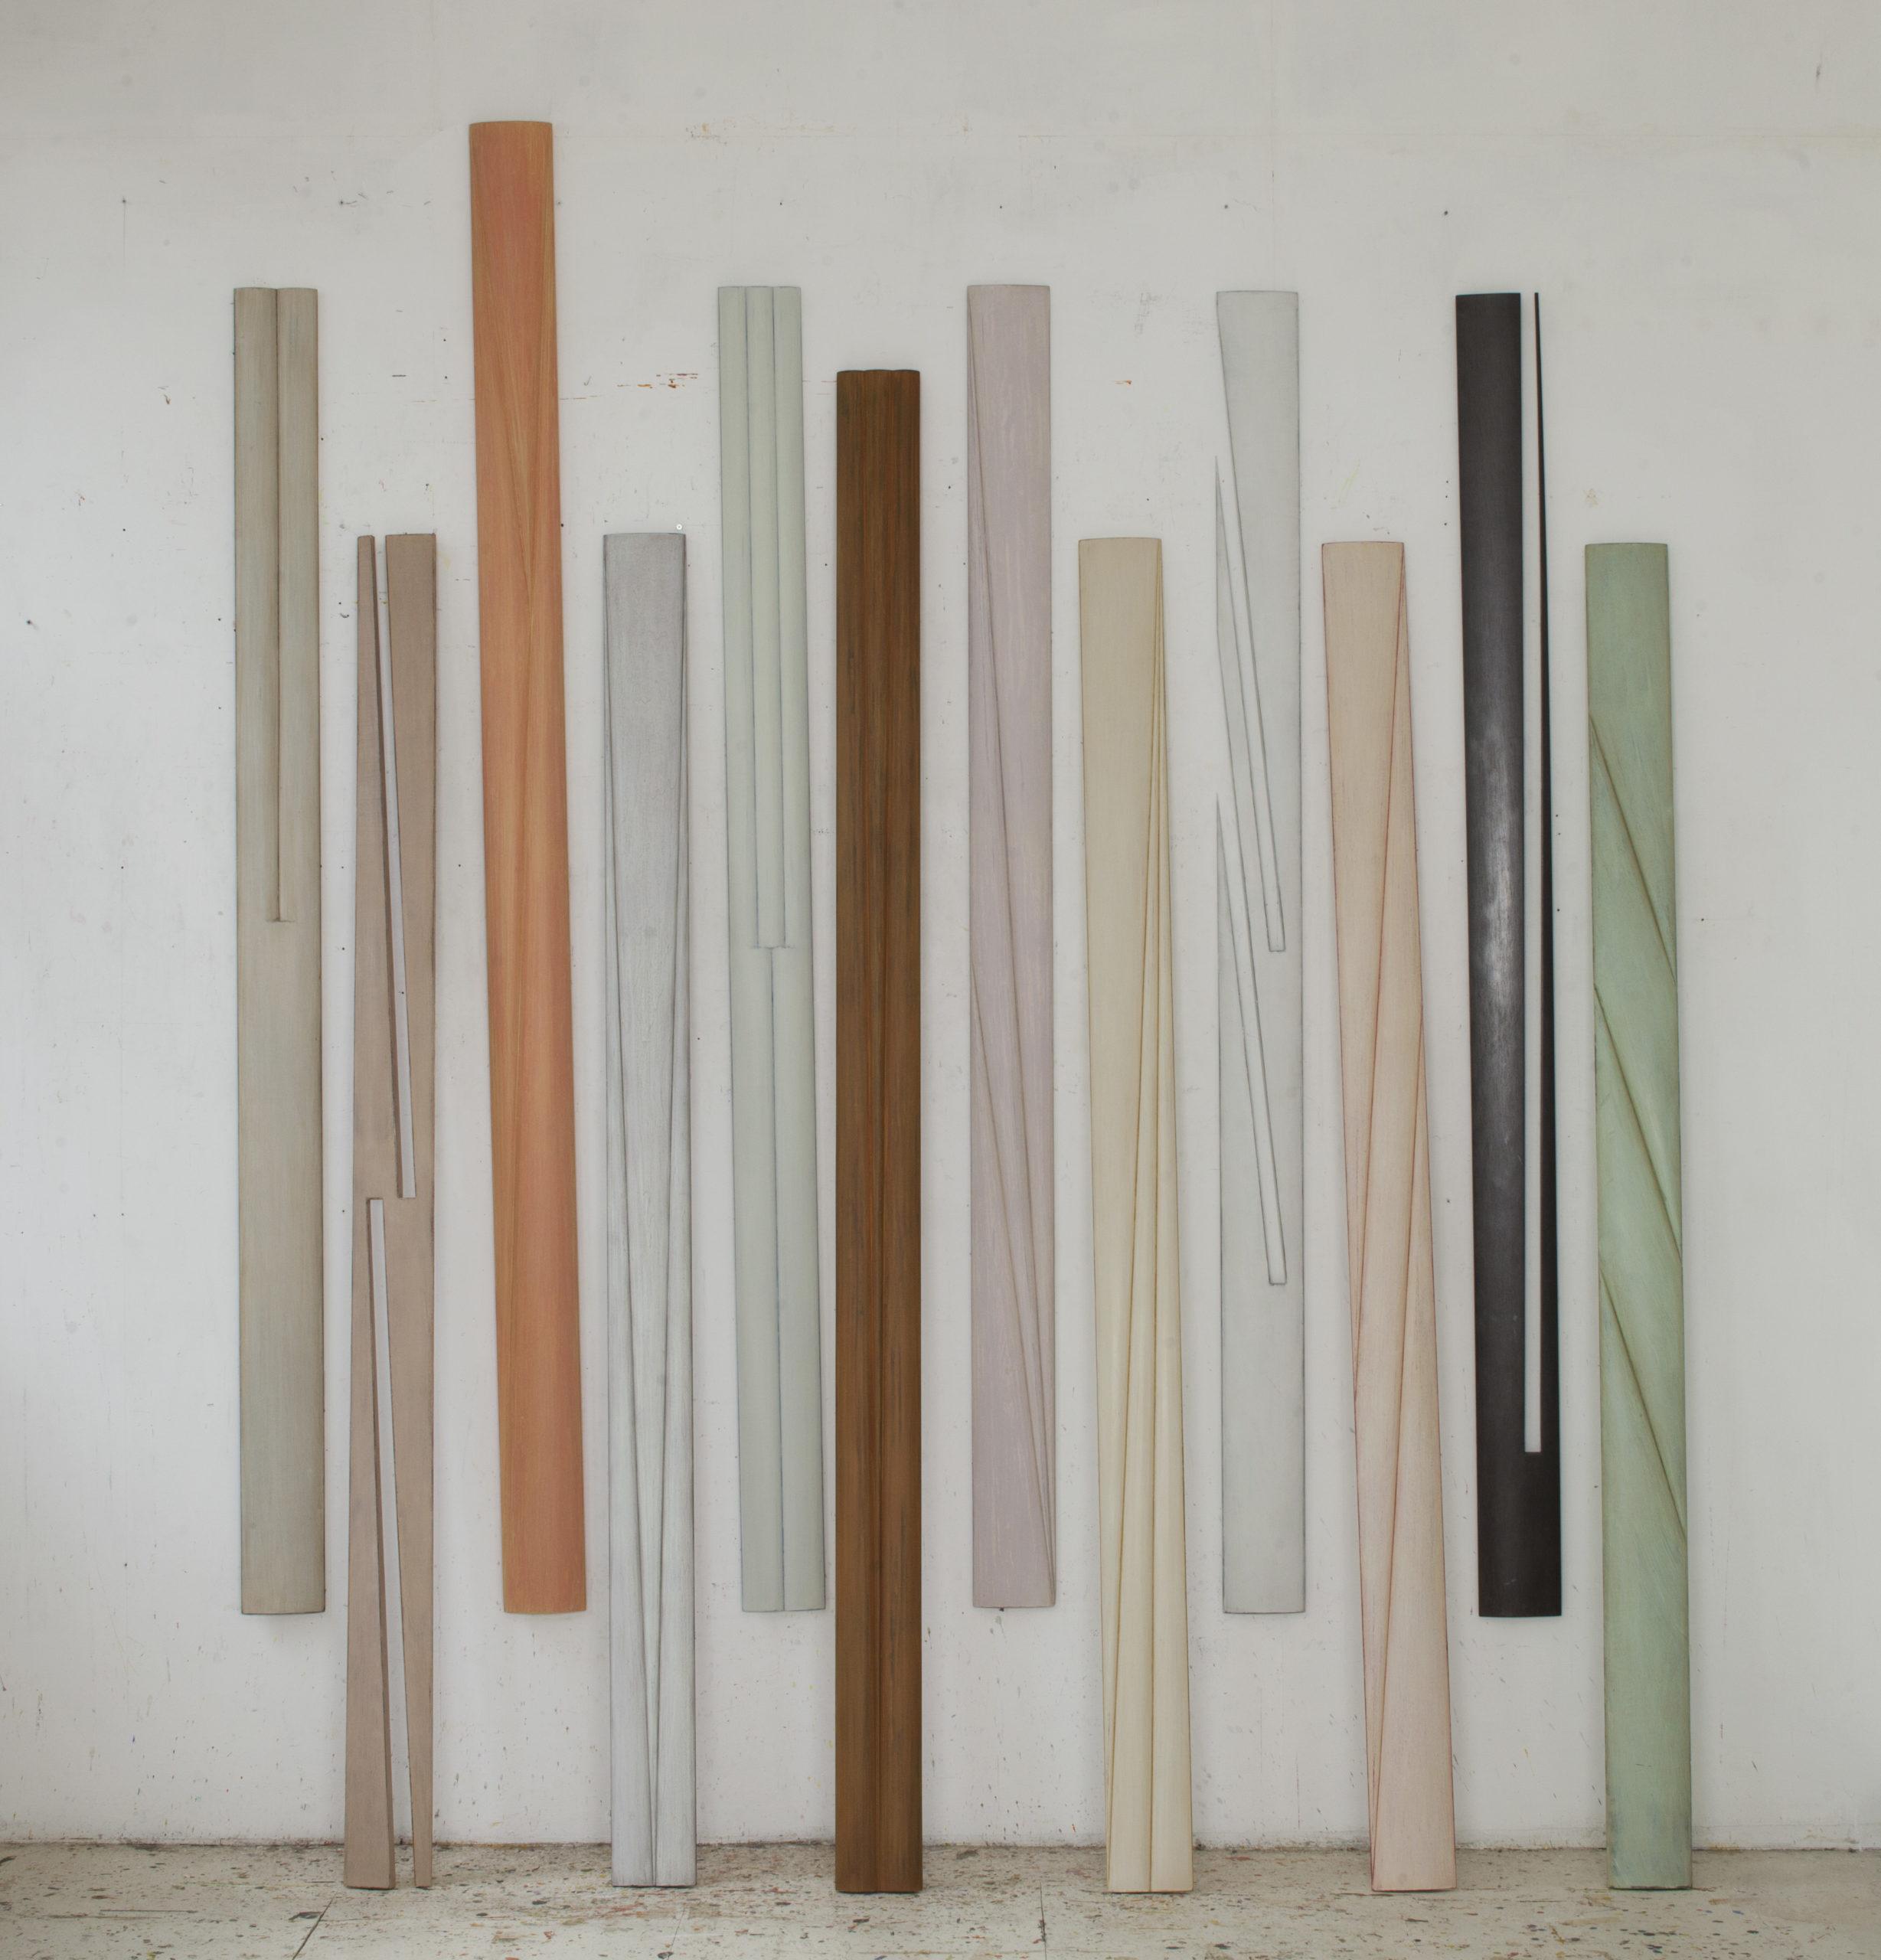 Michaël Berkhemer, Wandobjekte, 2011